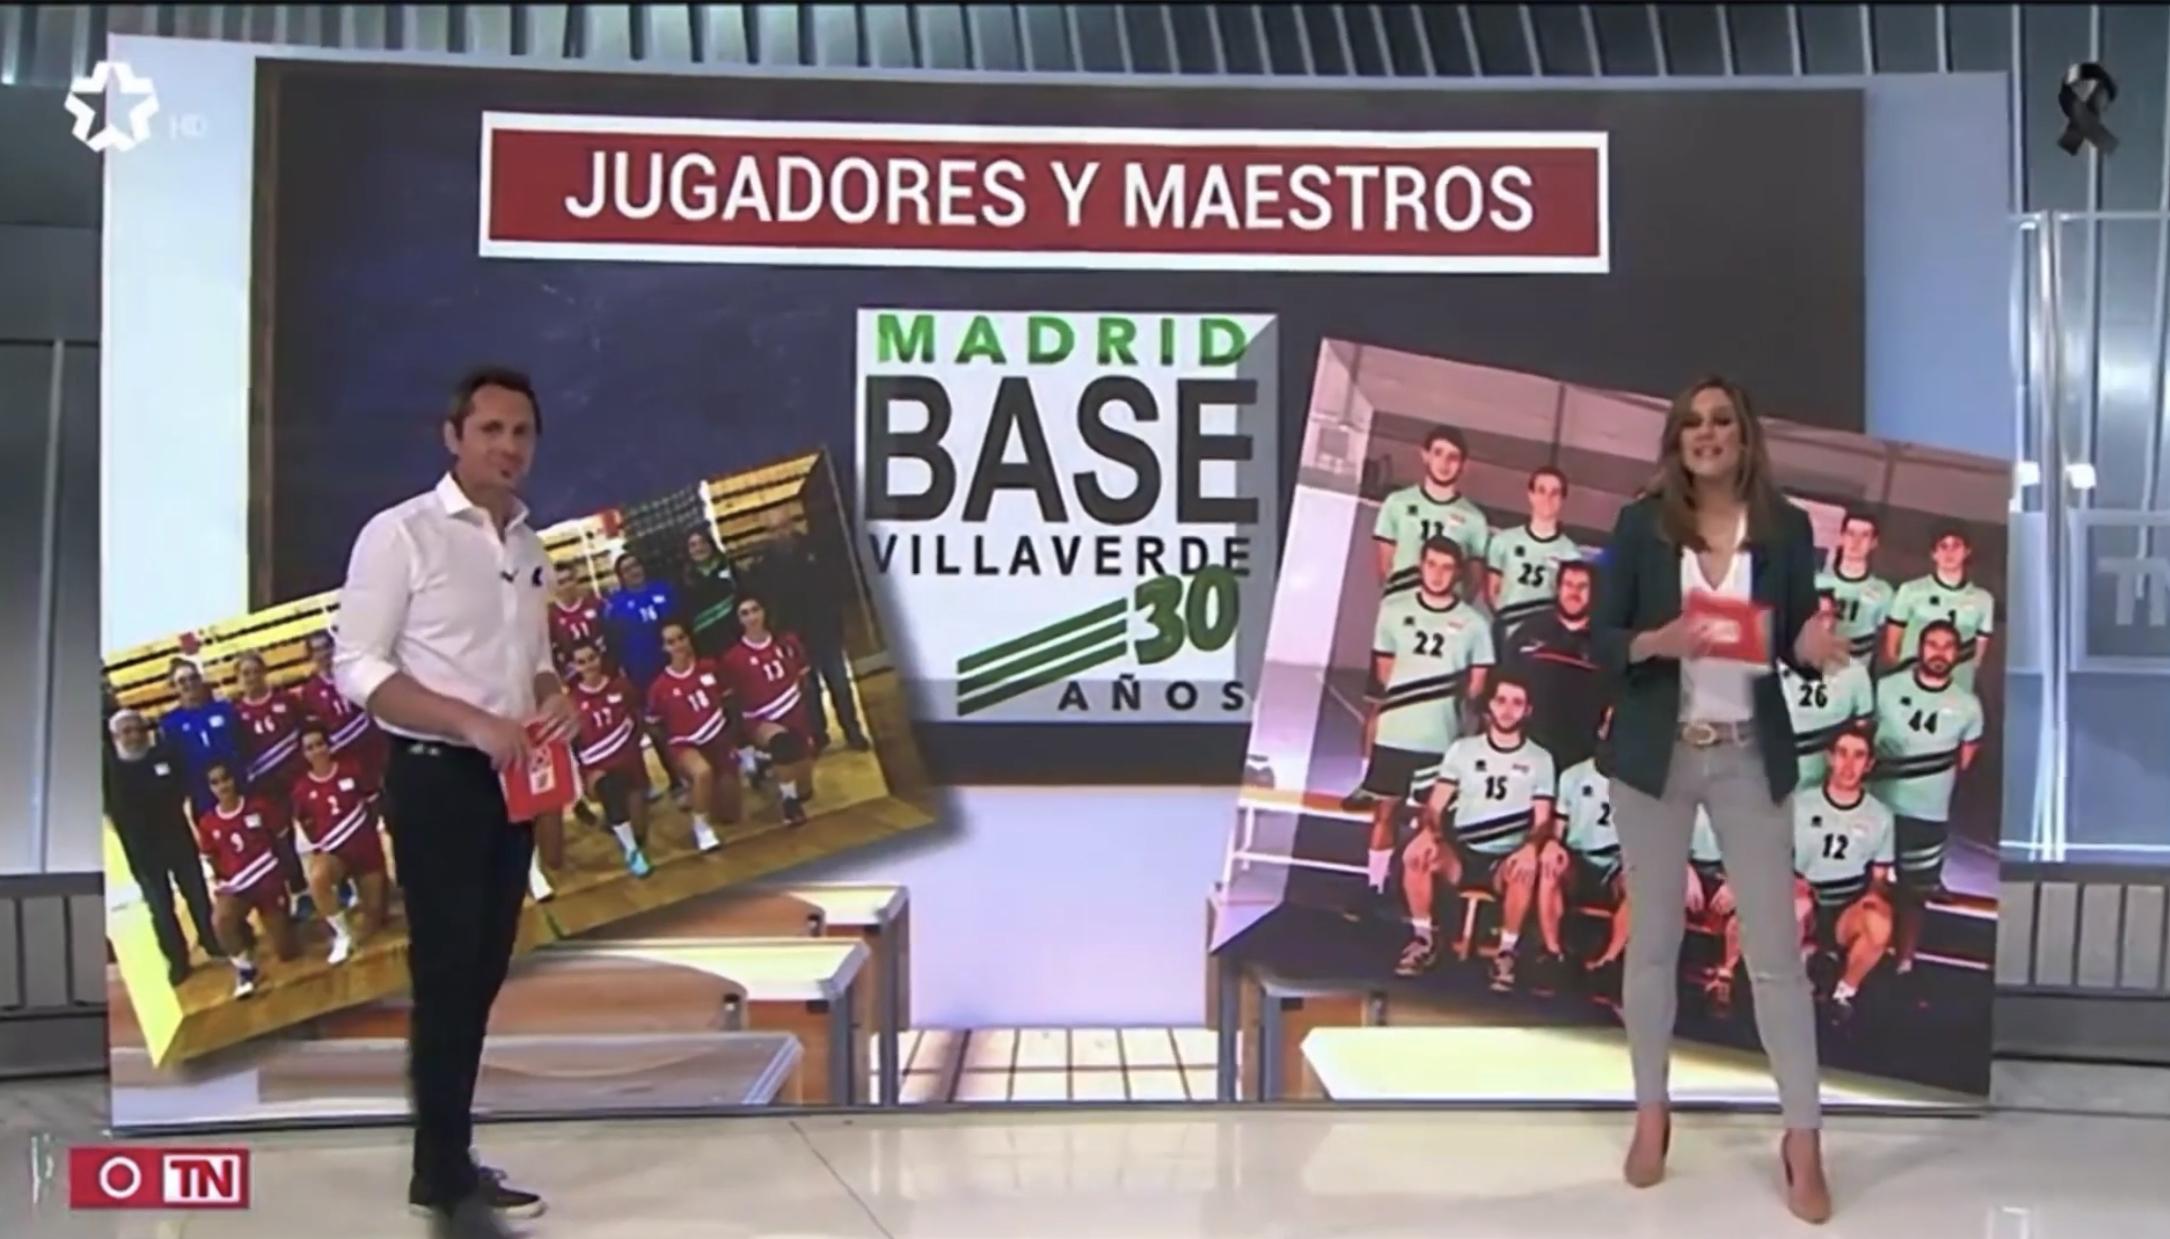 #CuentaConmigoMBV en Telemadrid